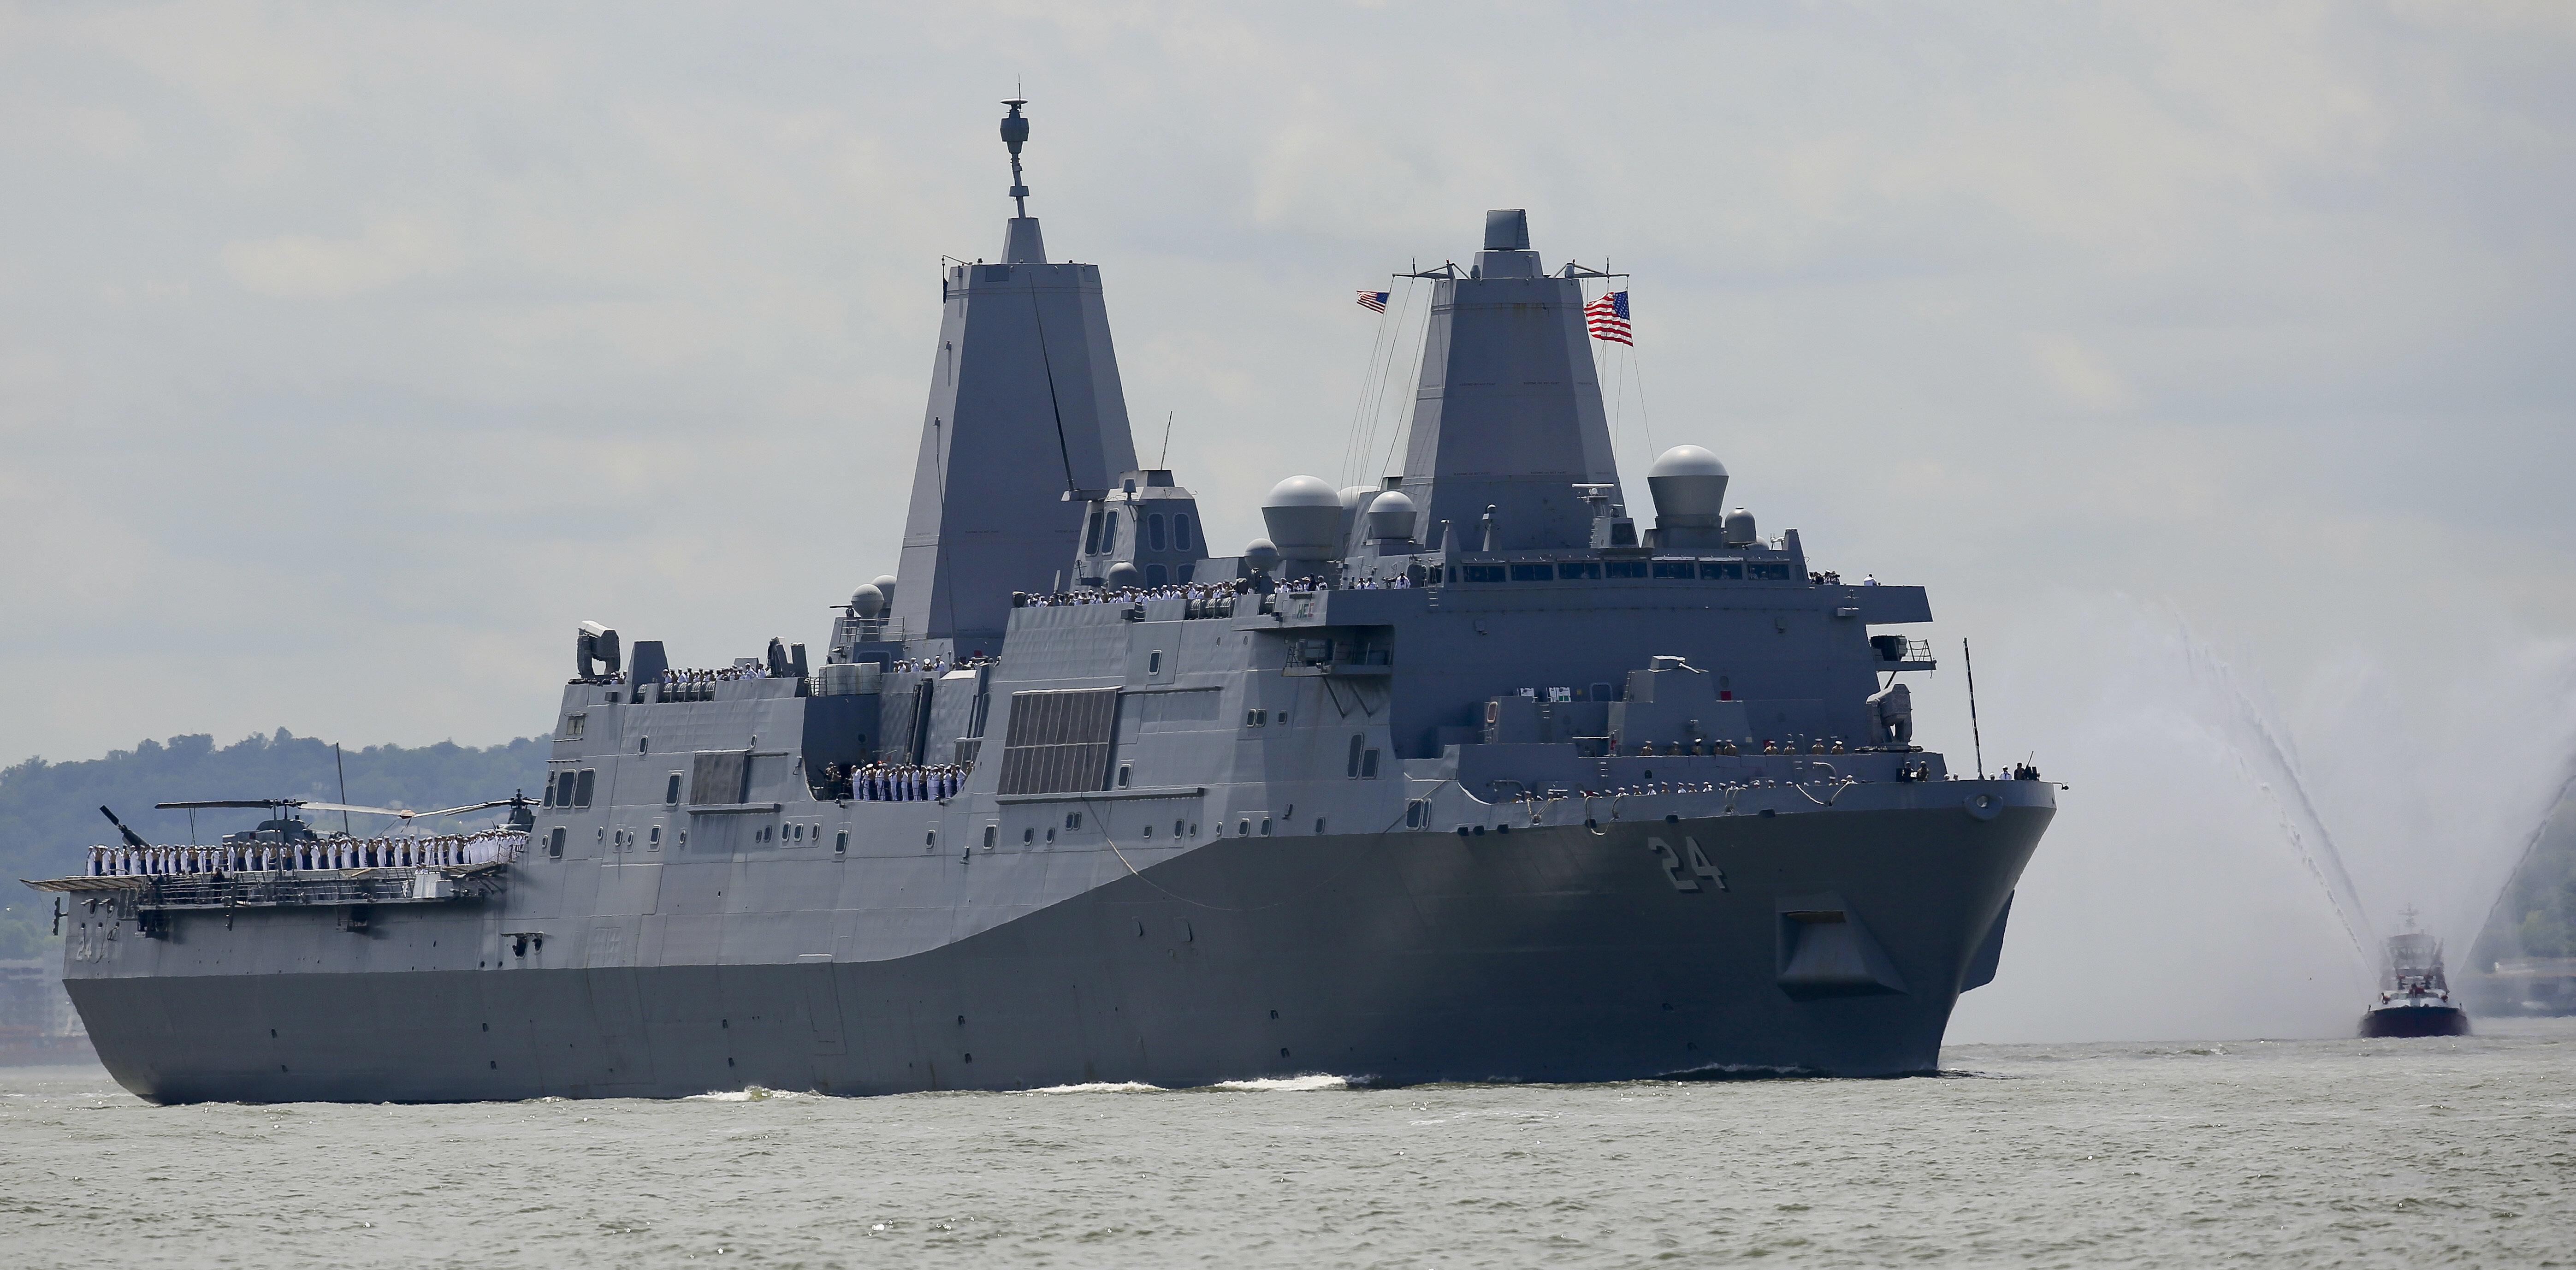 Les Etats-Unis envoient un navire de guerre et des missiles au Moyen-Orient pour faire face à